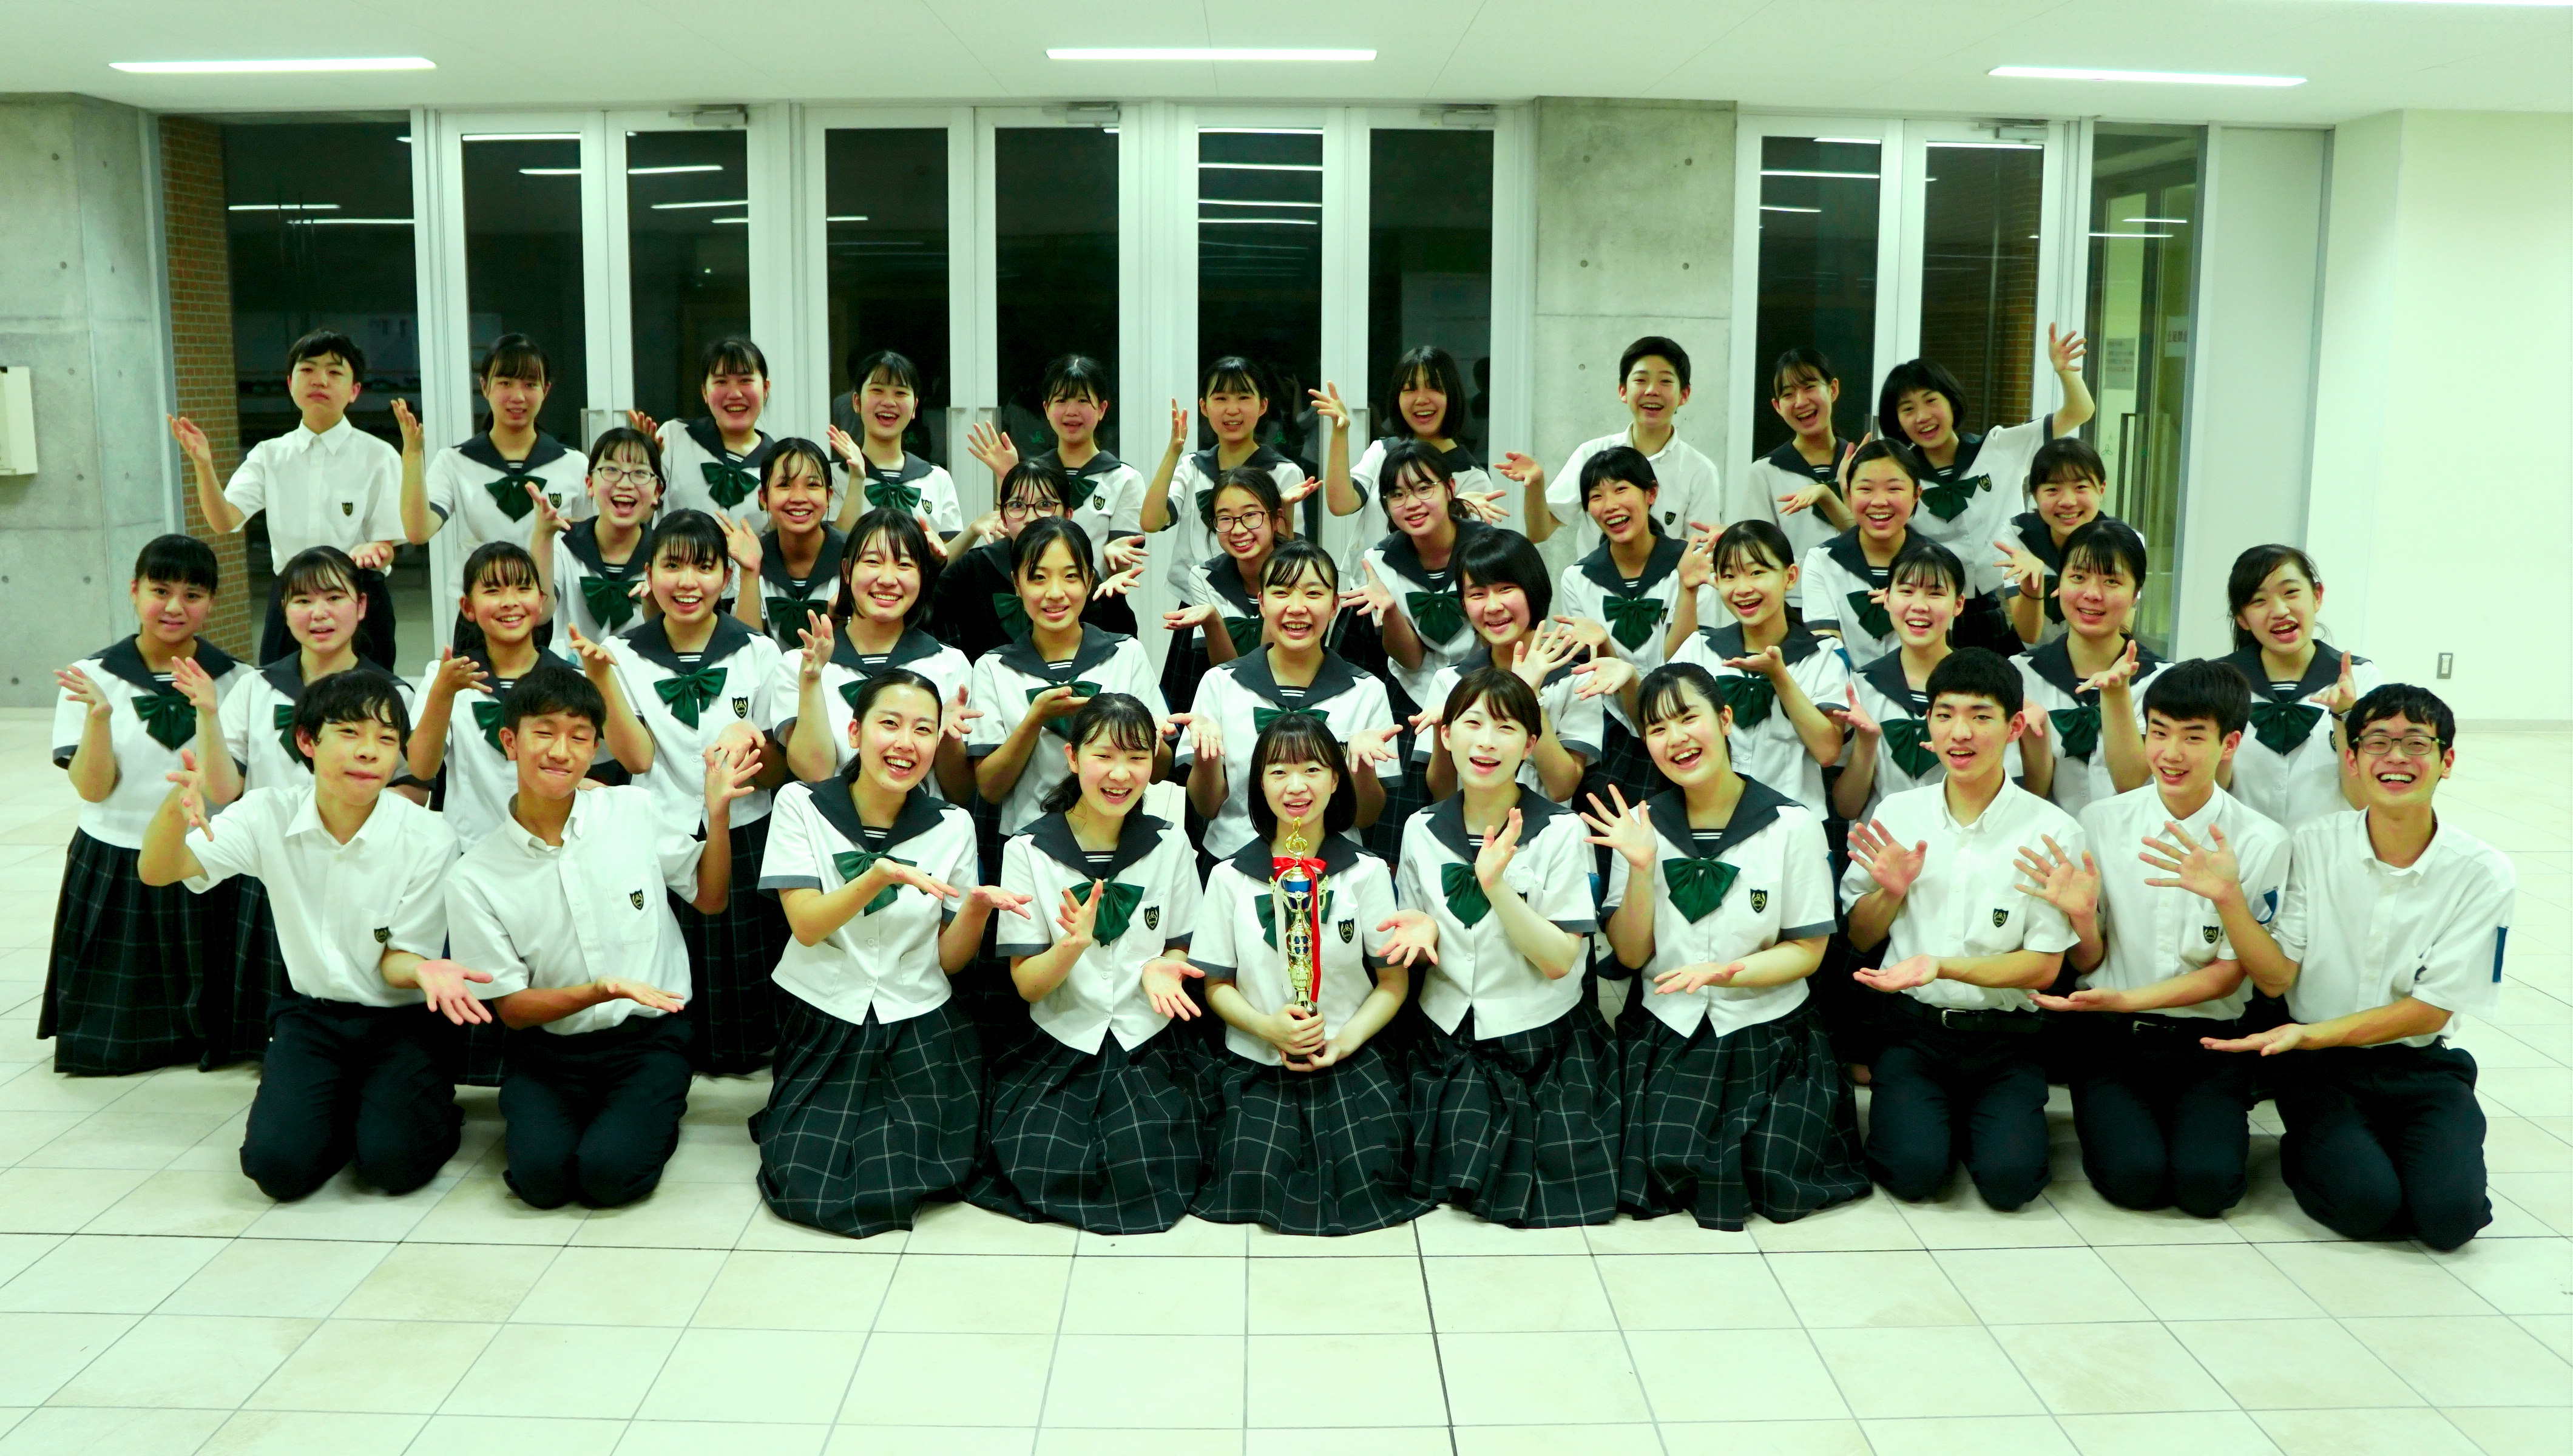 吹奏楽2_中国大会